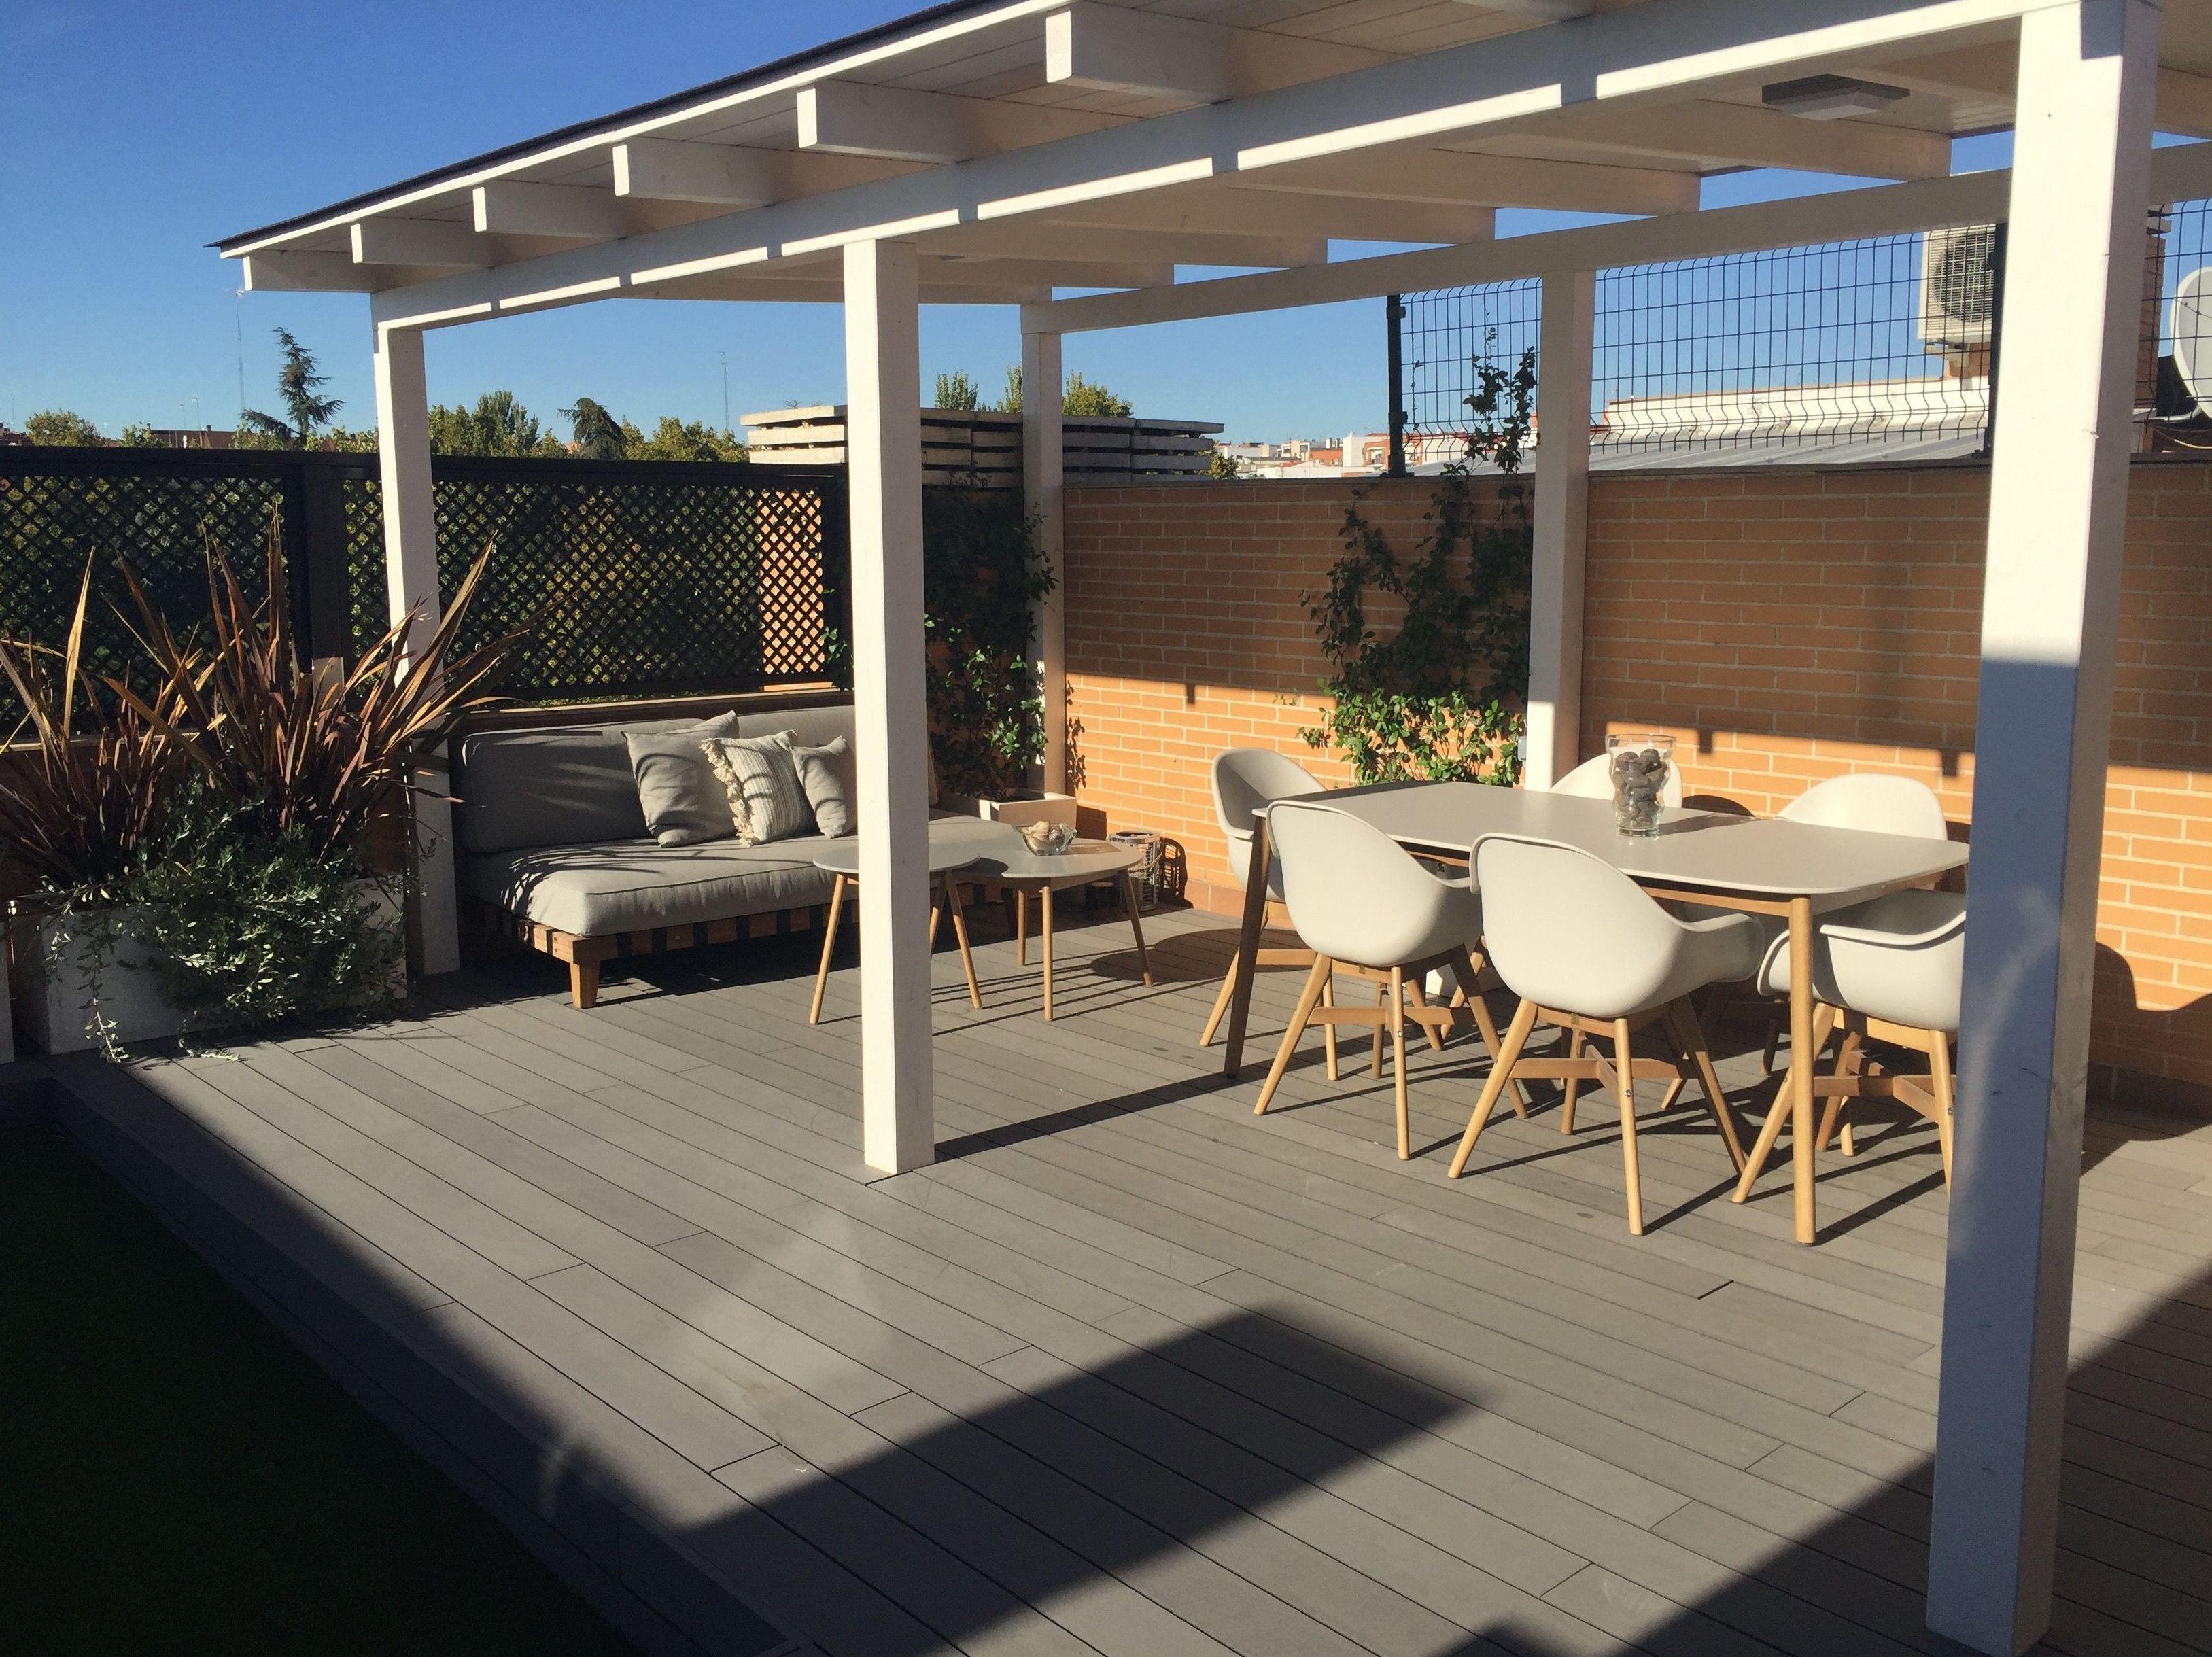 Diseño y reforma de espacios exteriores, terrazas y jardines en Madrid